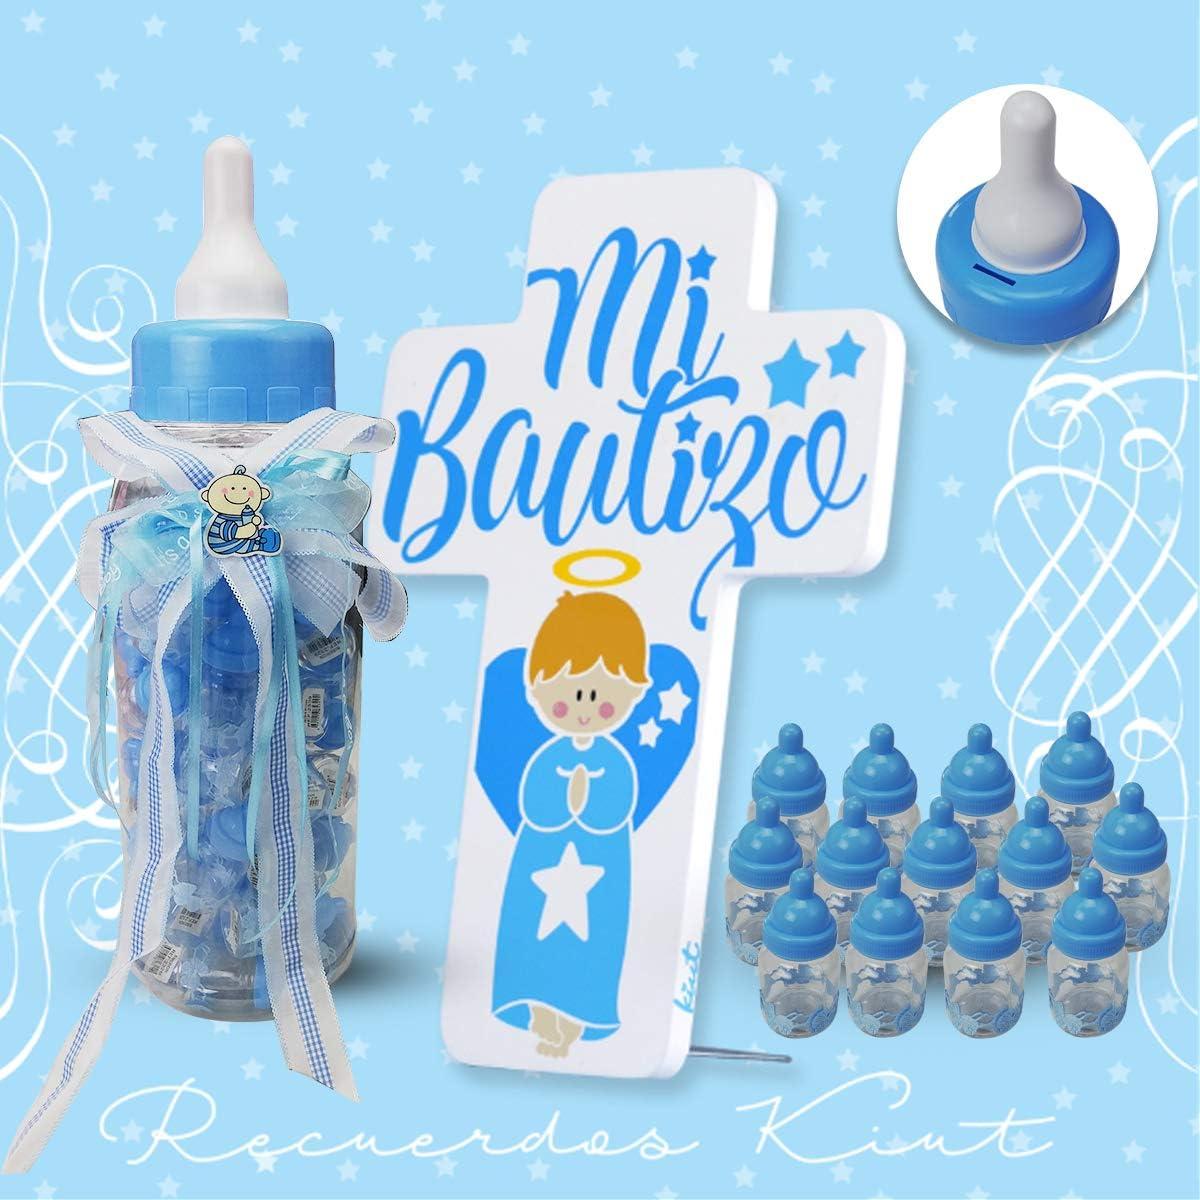 Biberones de Bautizo Ni/ño,50 Peque/ños y 1 Grande de Regalo para Bautizo con Lazo Azul-Azul Grande